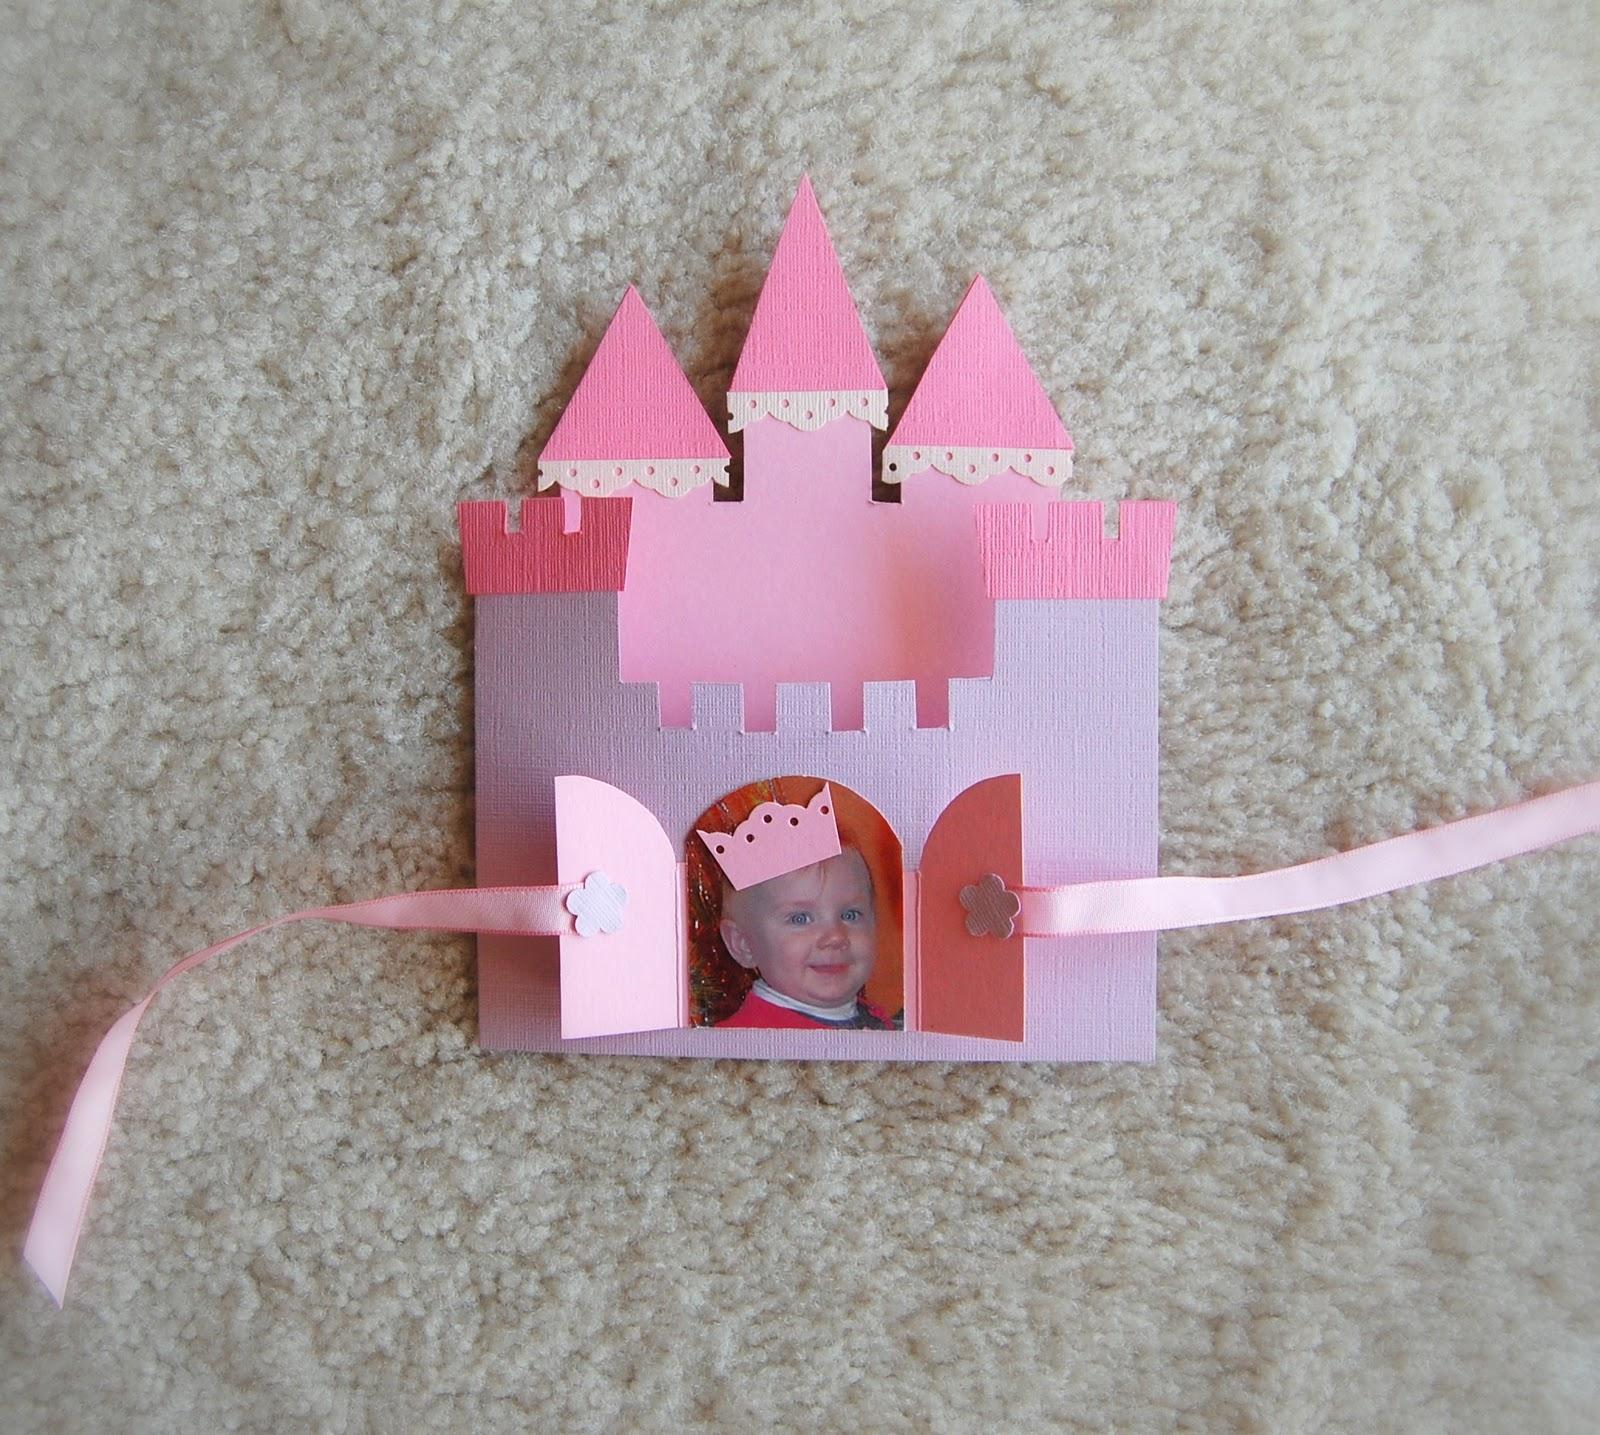 Как сделать замок для открытки